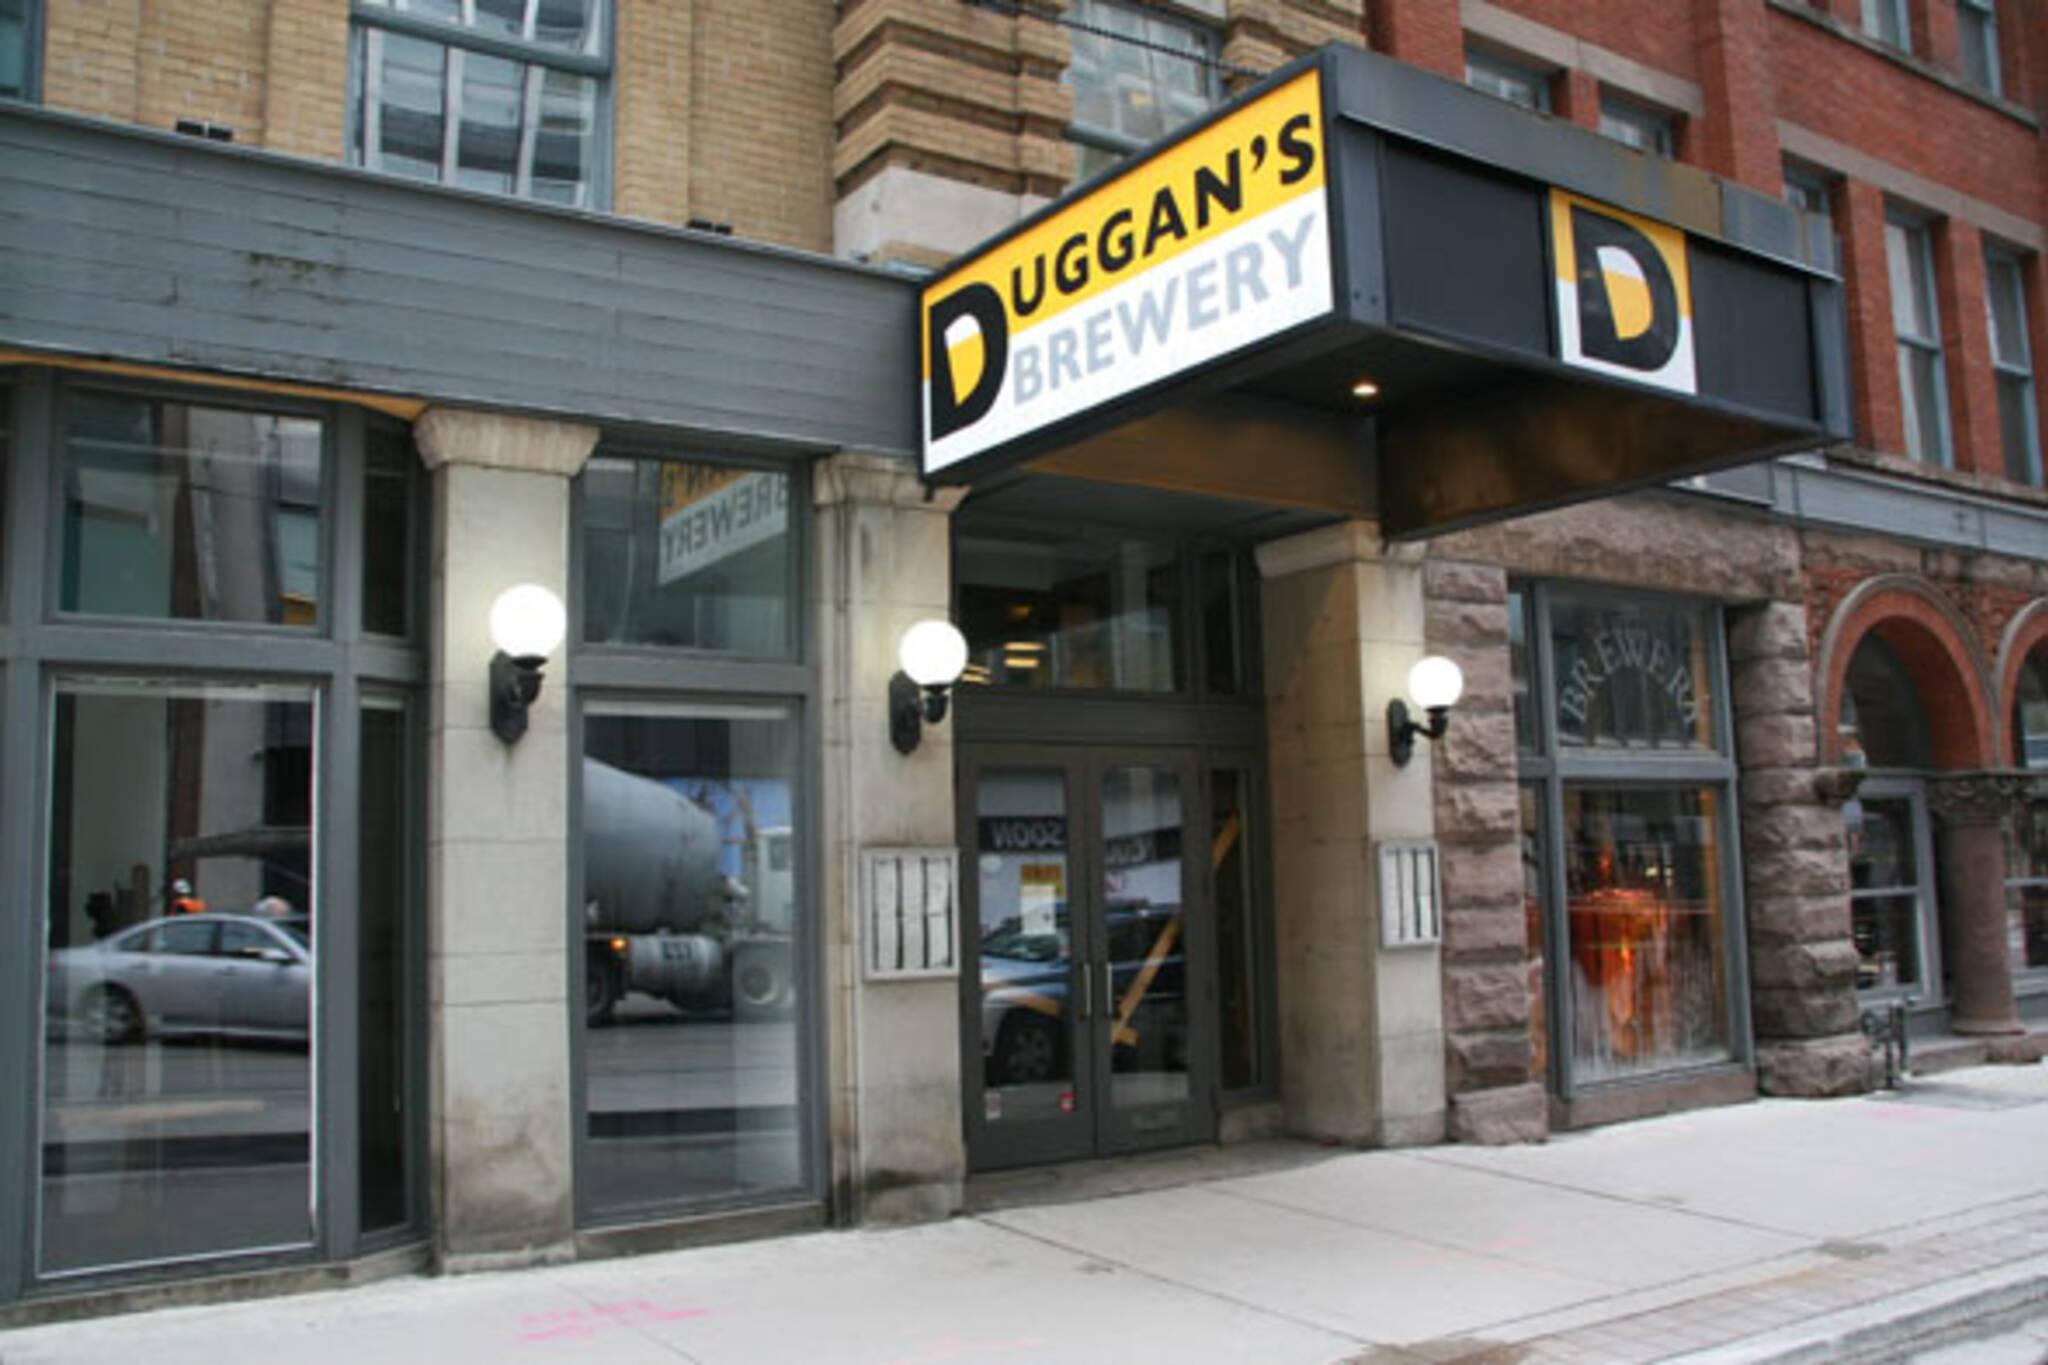 Duggans Beer